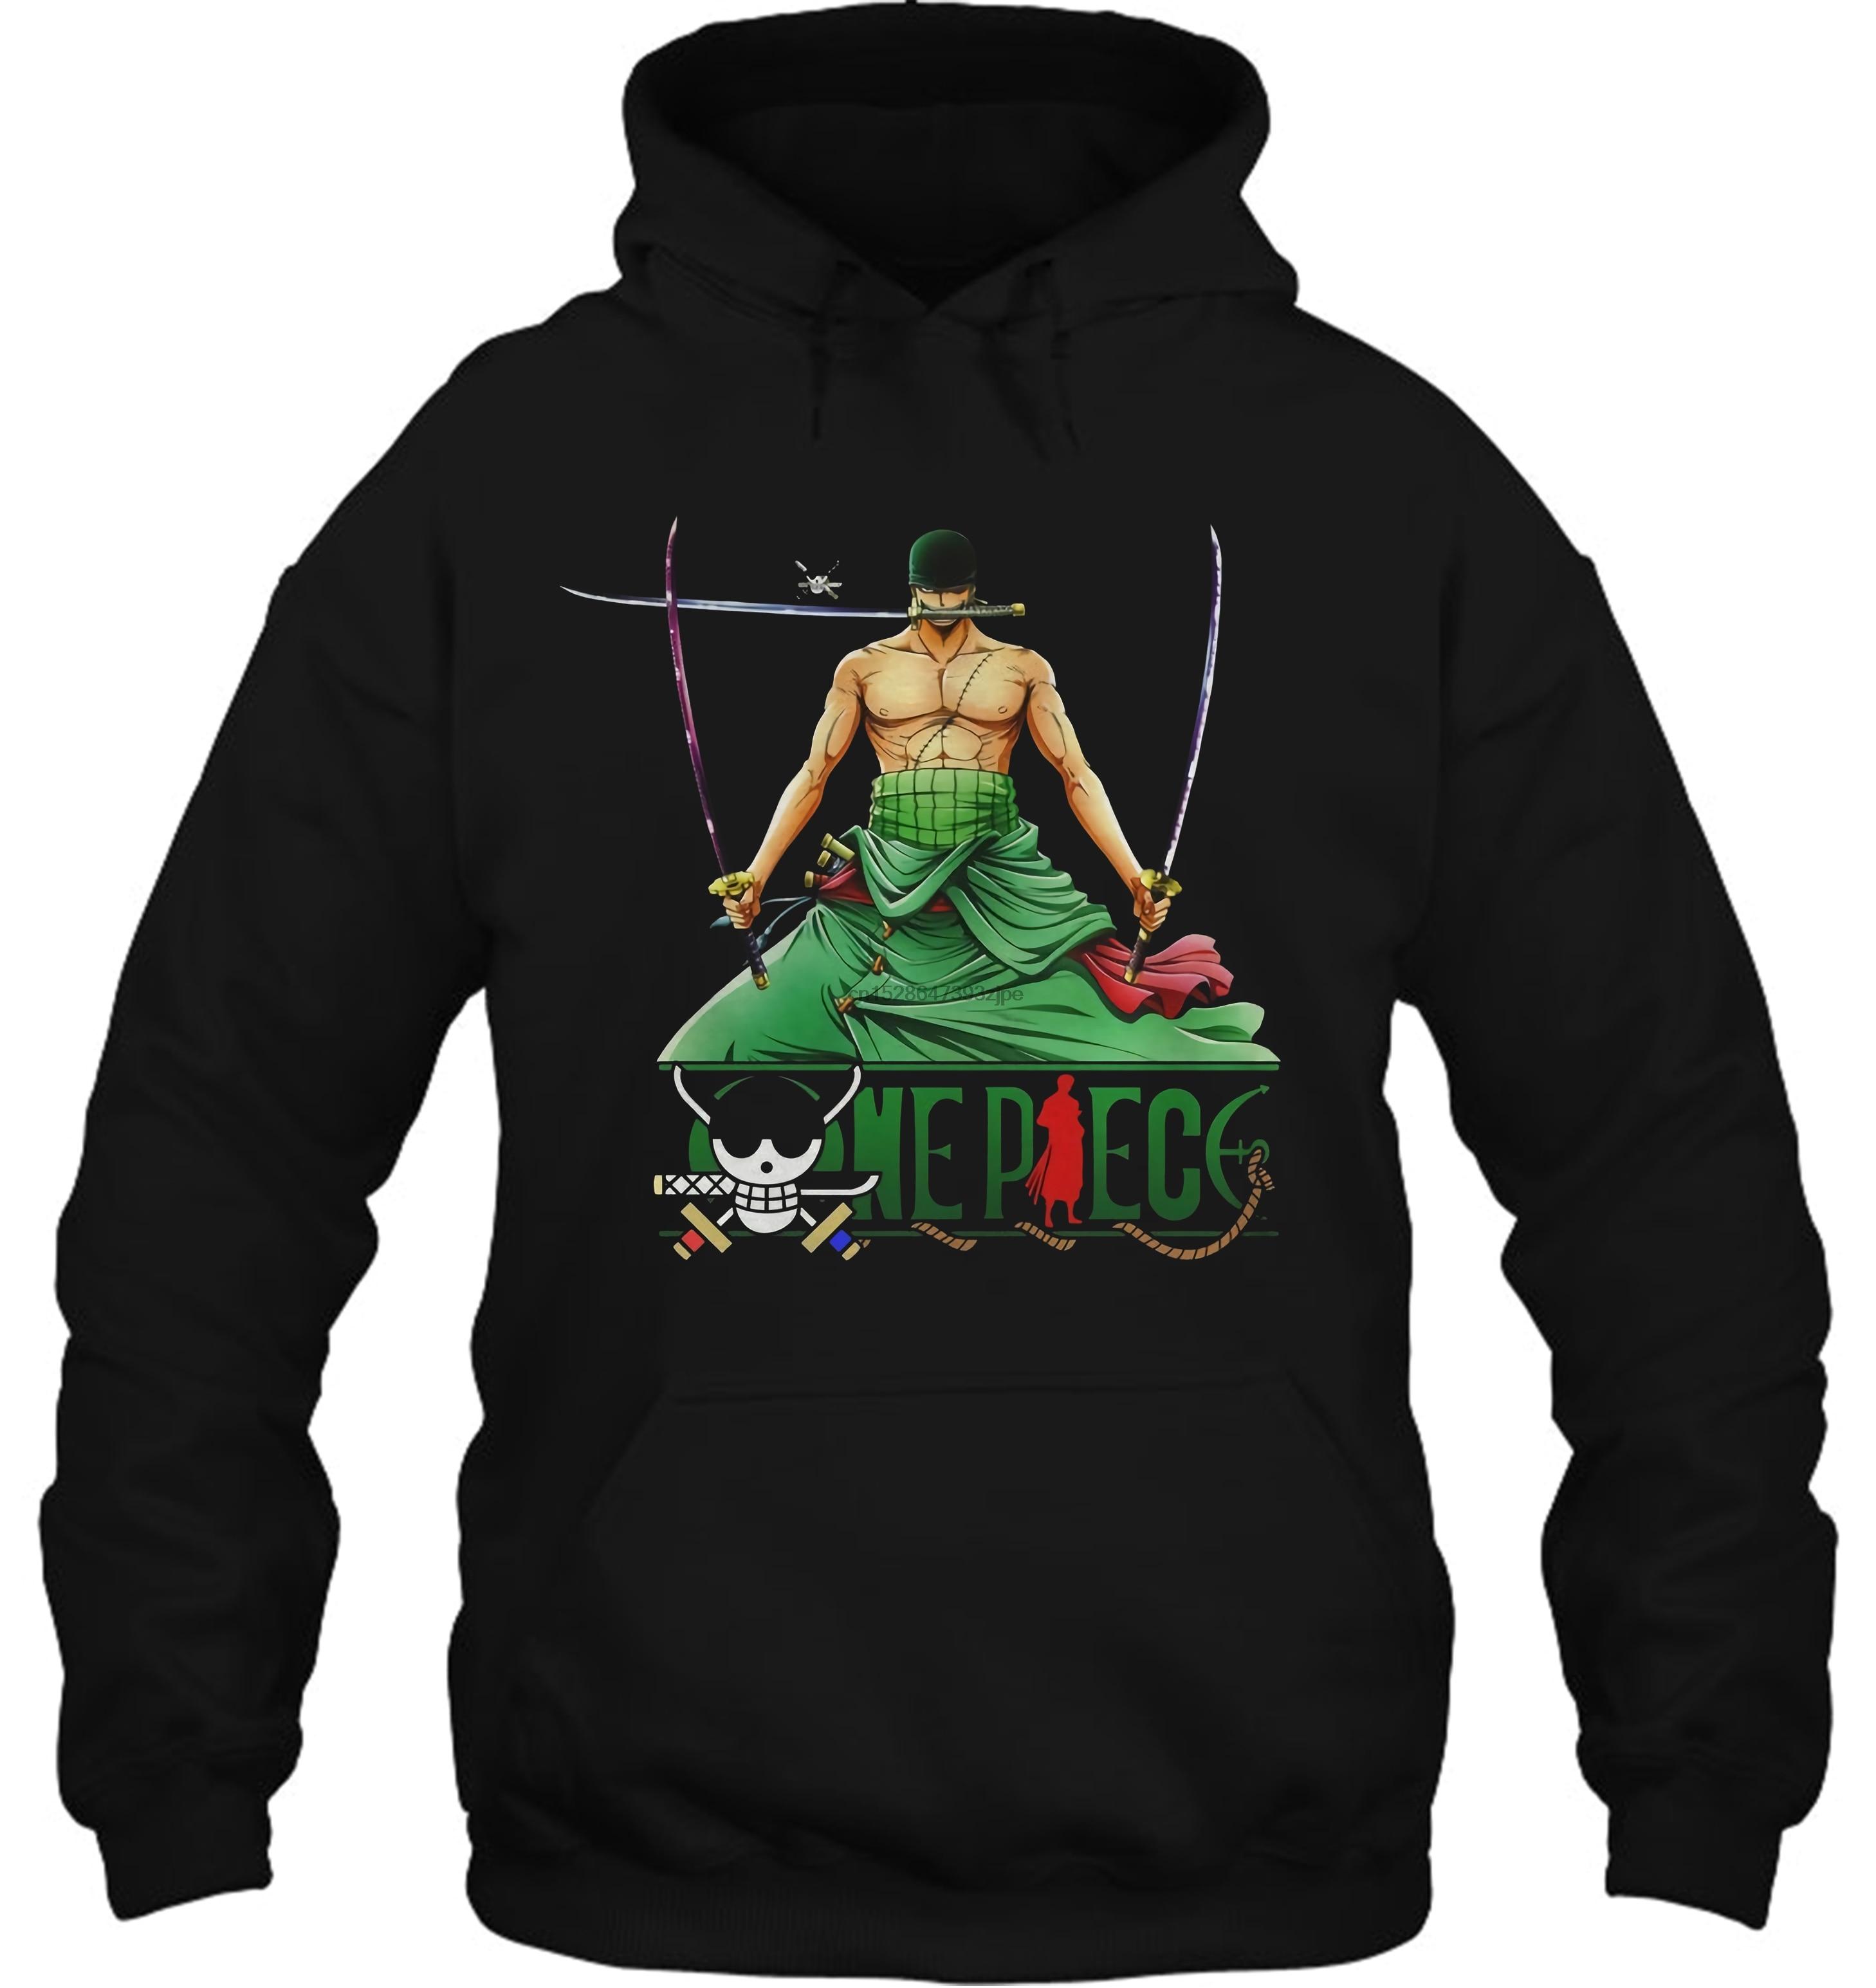 Funny Novelty One Piece Anime Zoro Cool Streetwear Men Women Hoodies Sweatshirts